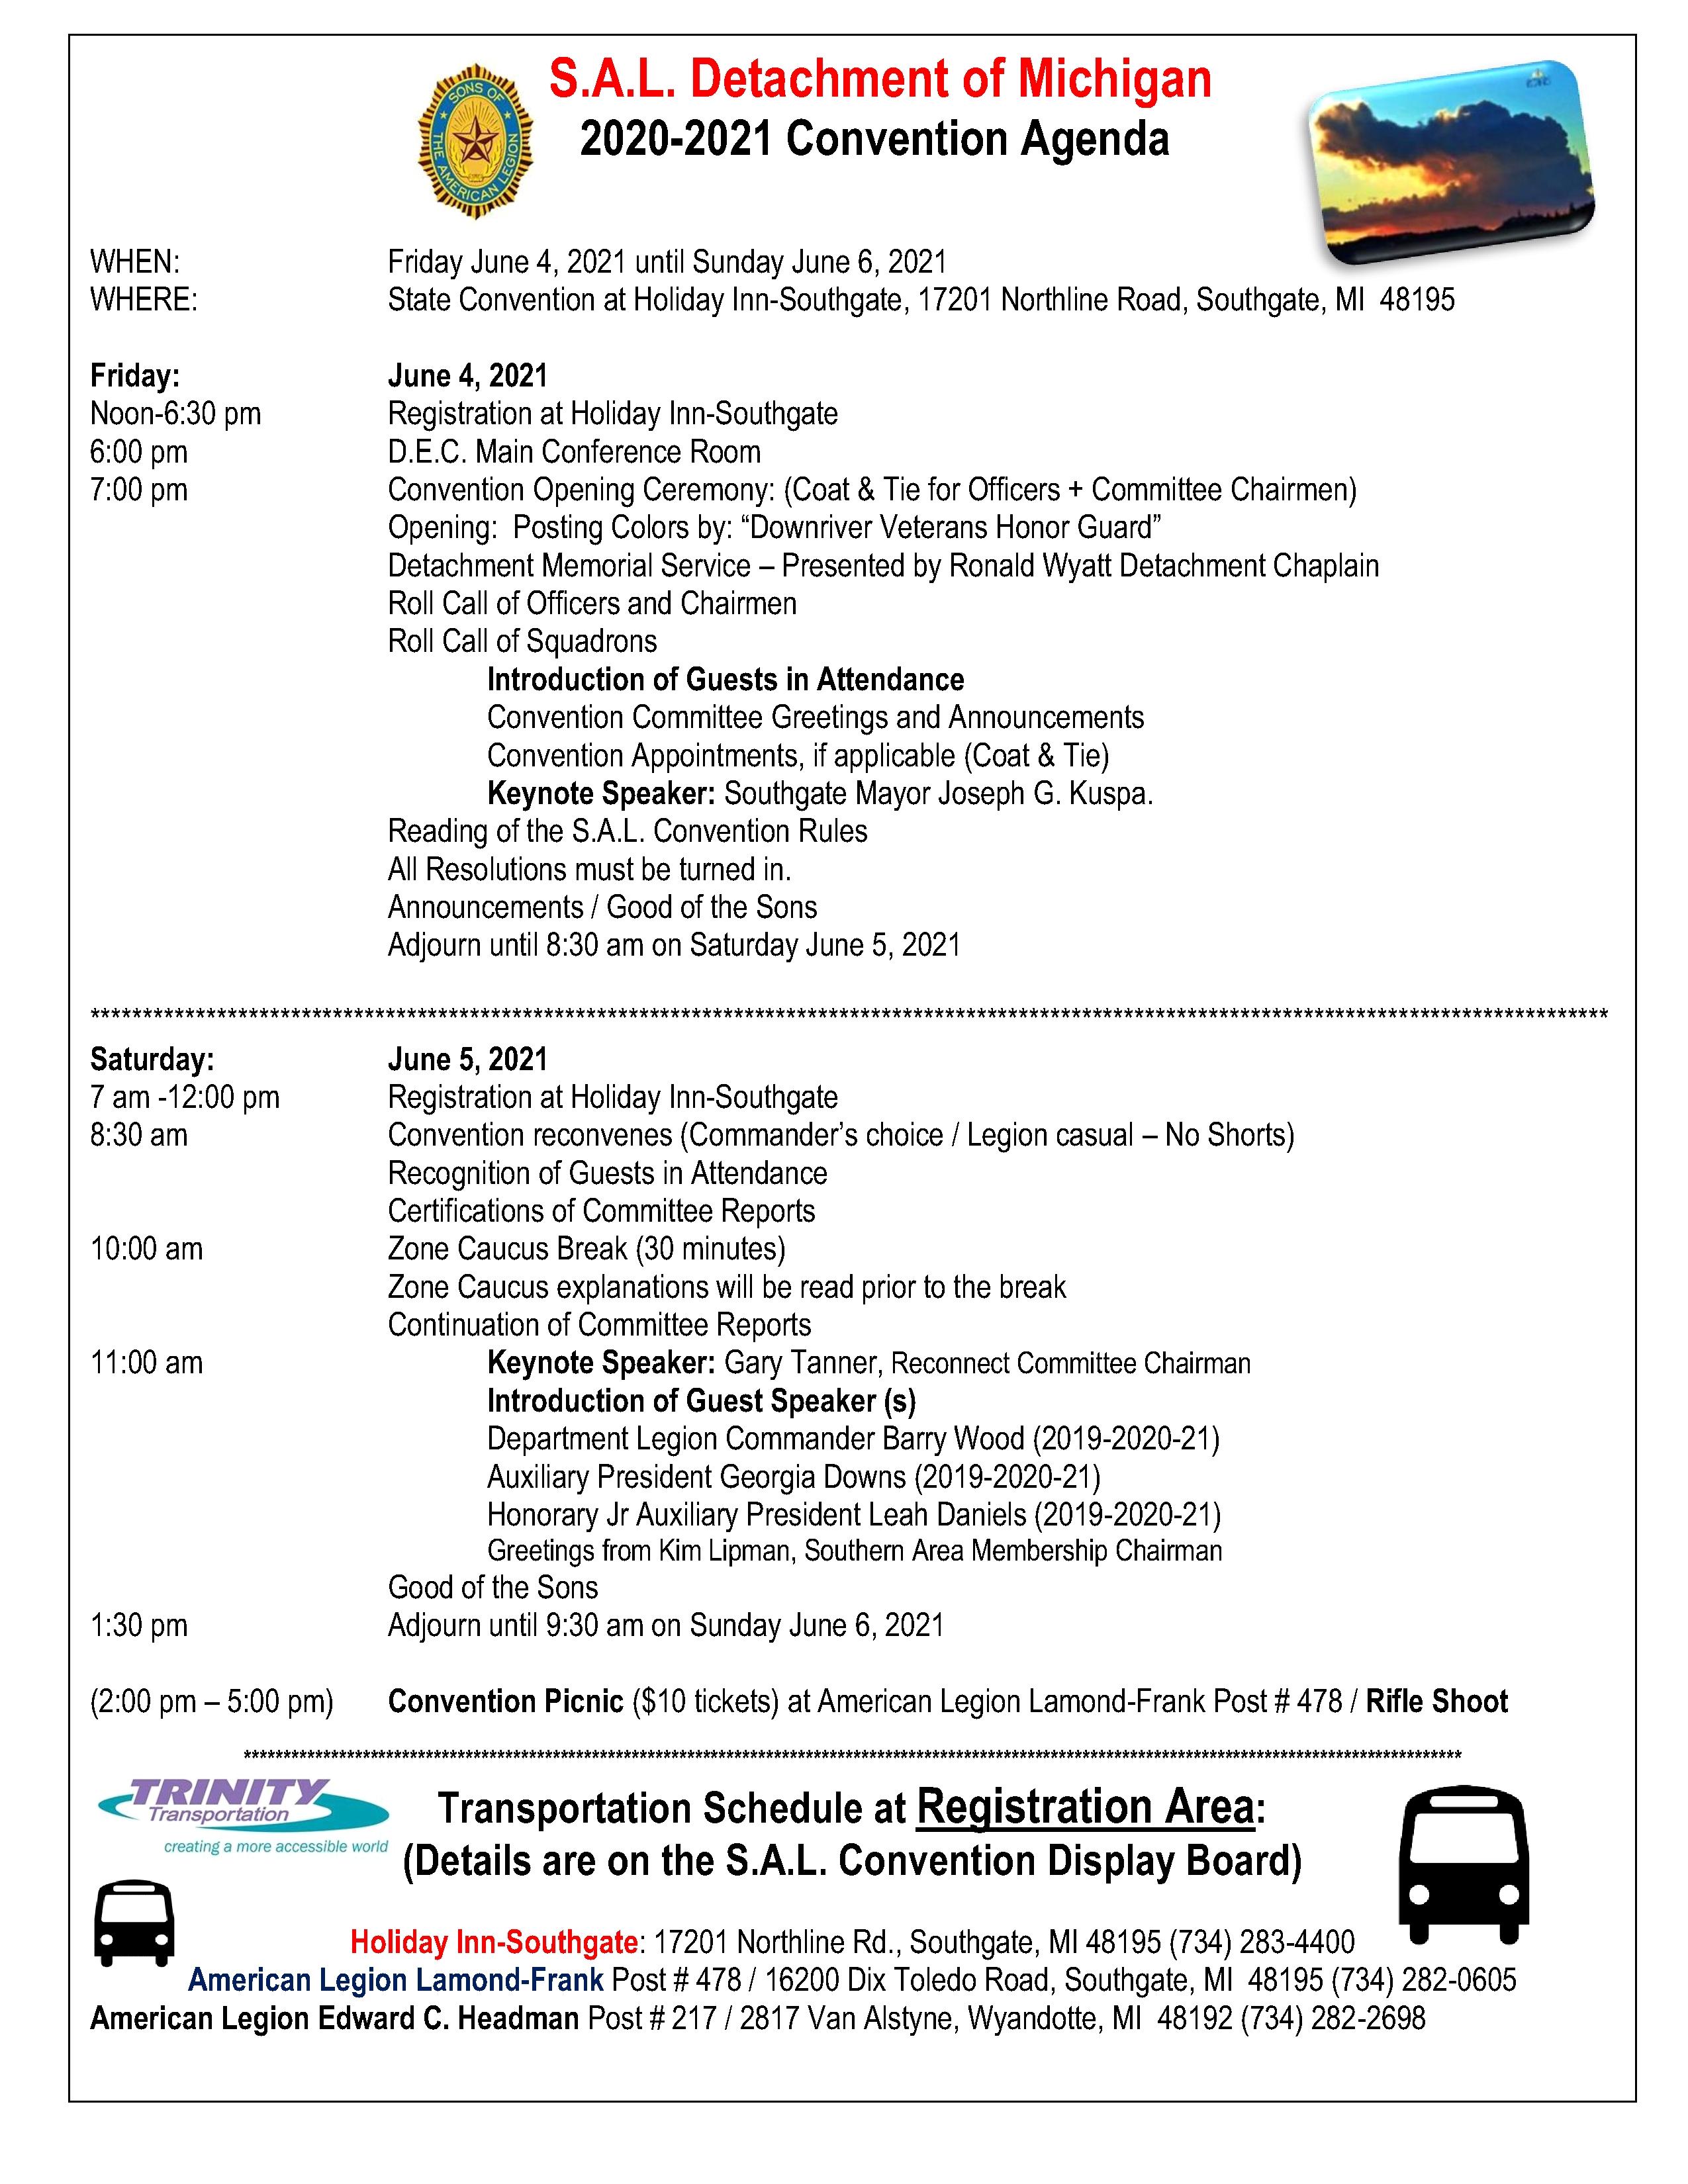 SAL 2021 Convention Schedule